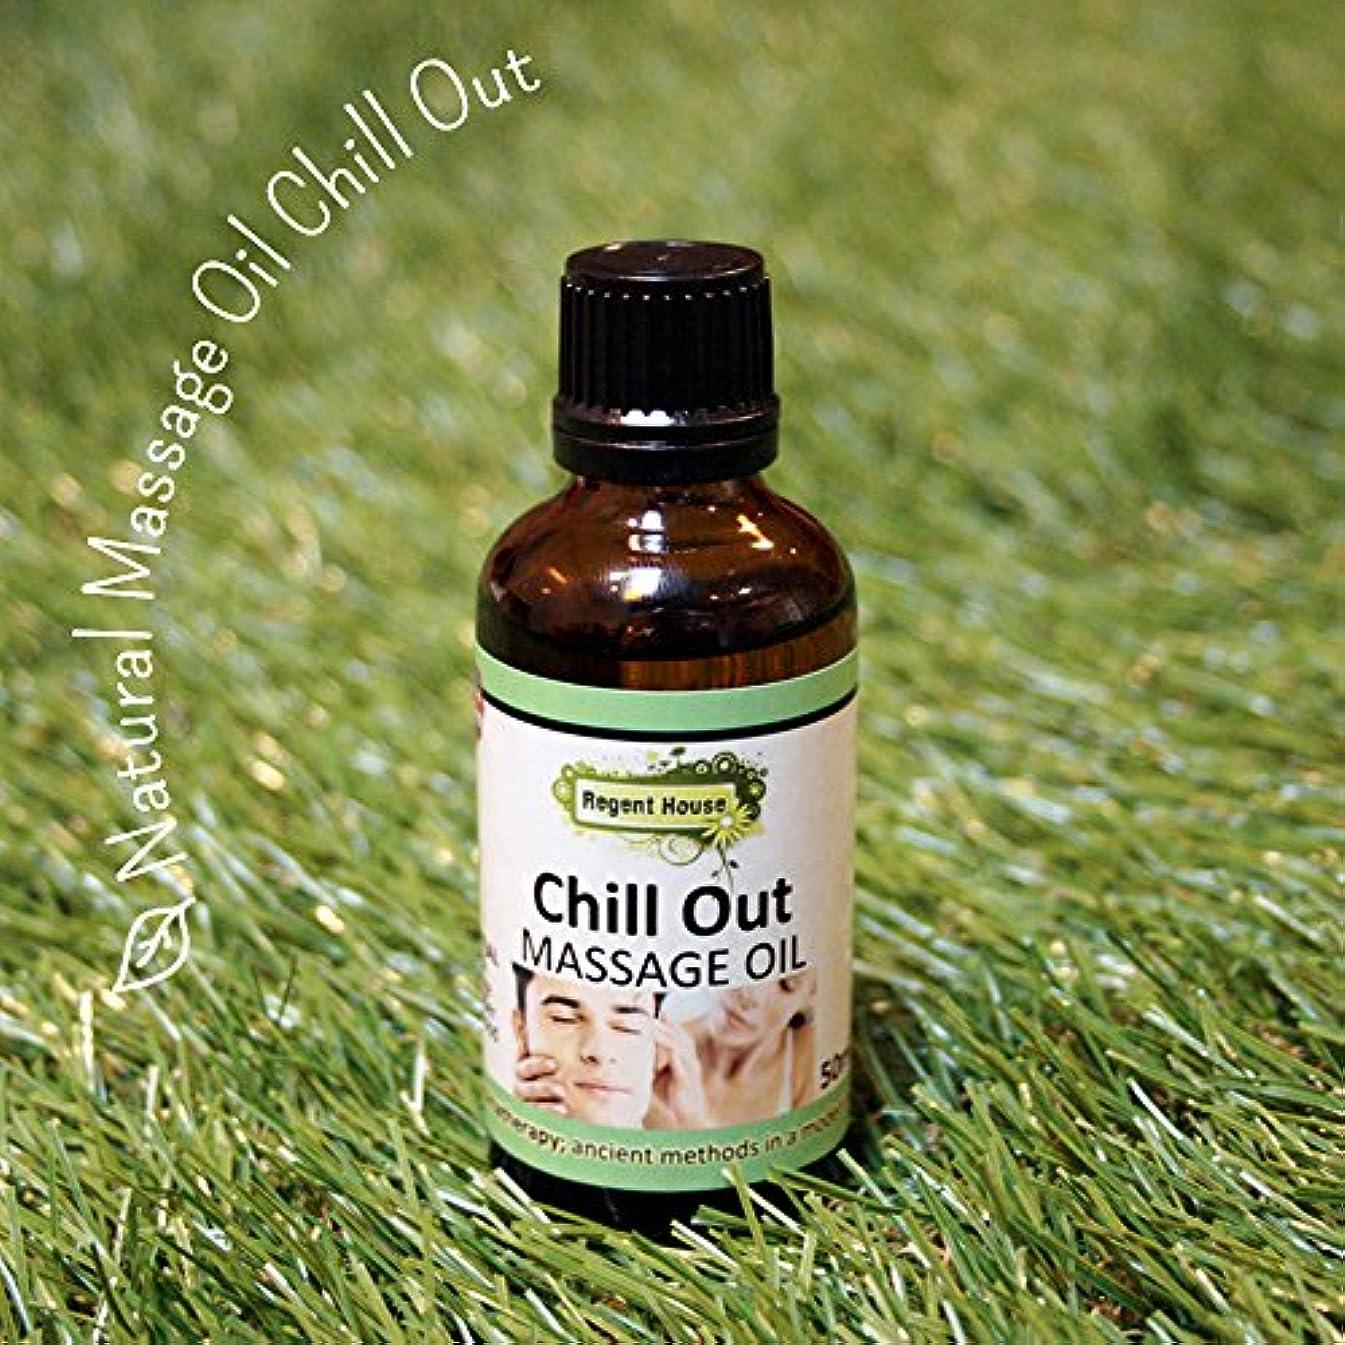 接続ゴミ二十貴重なローズウッドを、たっぷり配合しました。 アロマ ナチュラル マッサージオイル 50ml チルアウト(Aroma Massage Oil Chill Out)